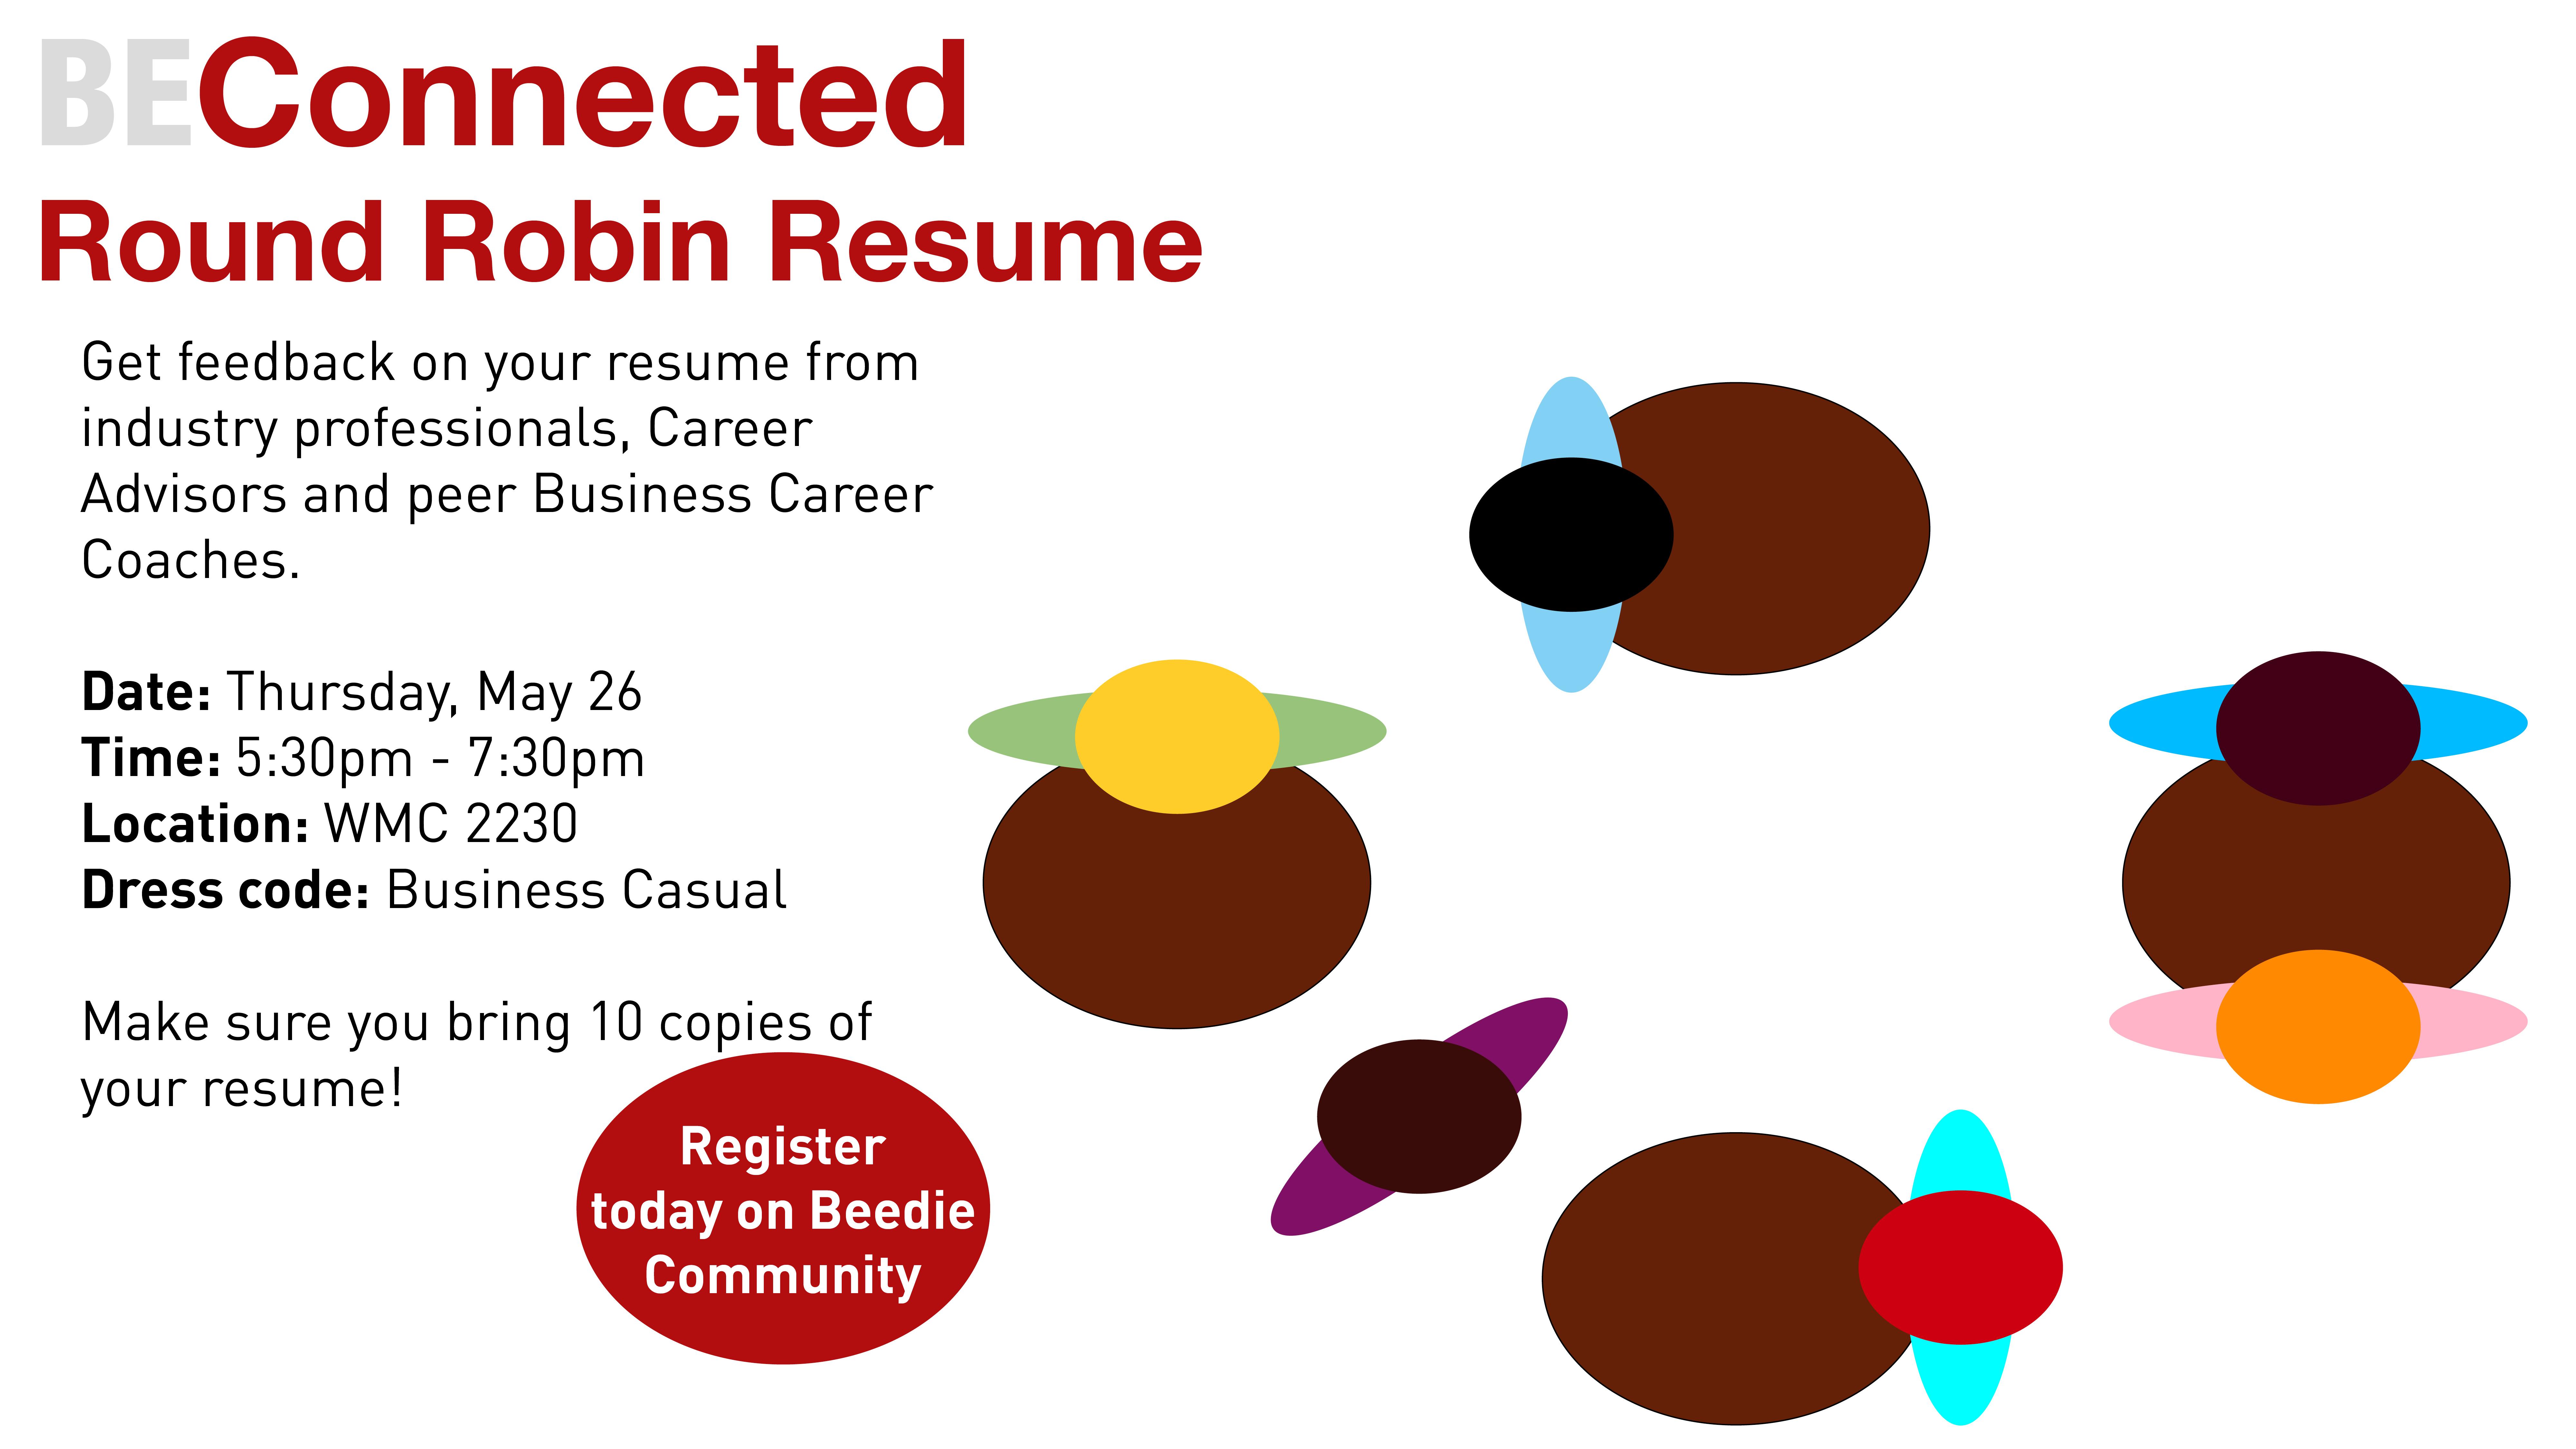 round robin resume event 2016 05 26 beedie dashboard